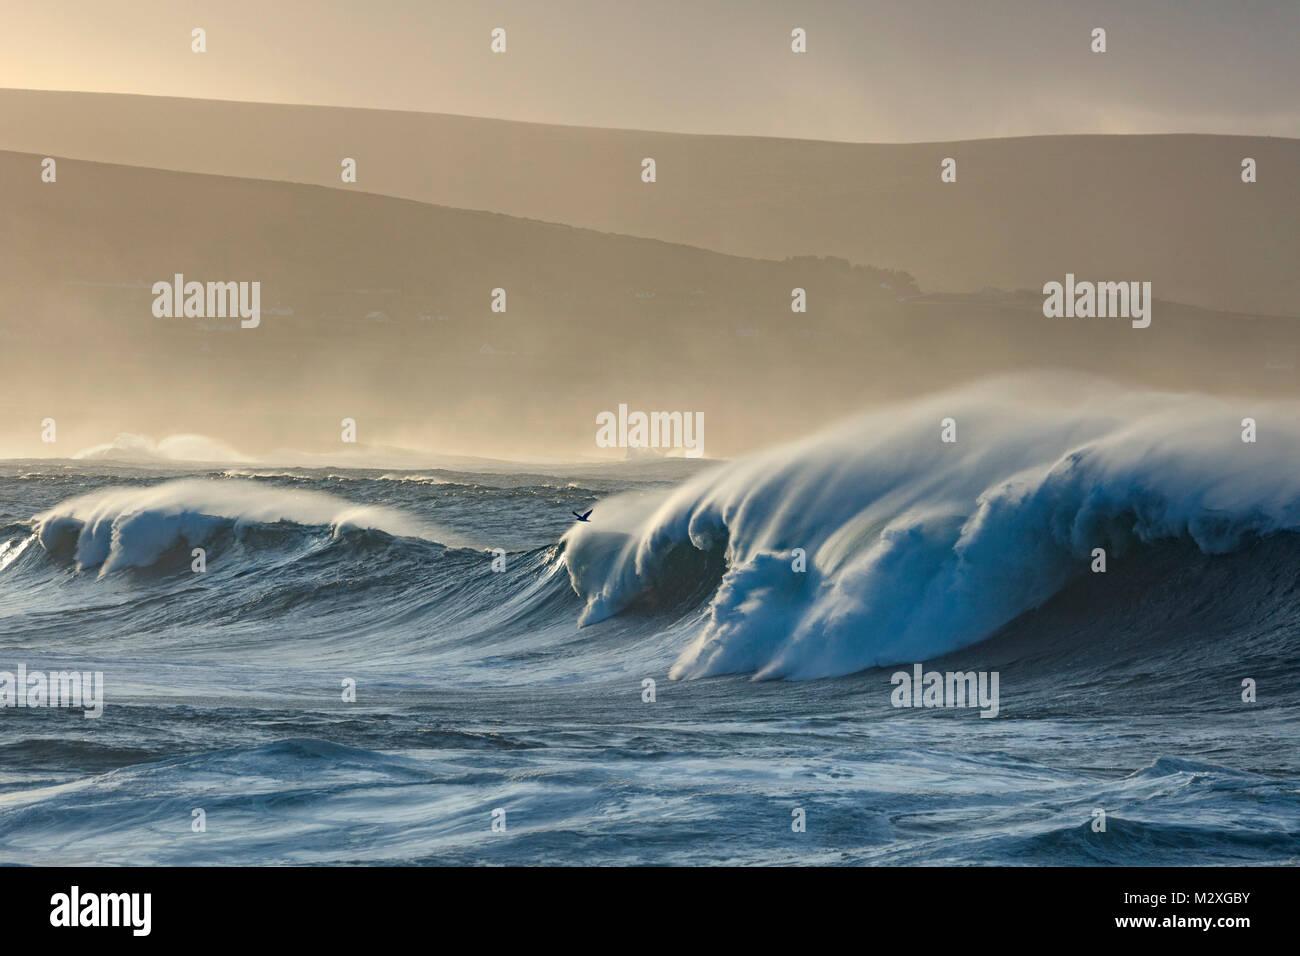 Tormenta atlántica olas rompiendo cerca de Ballycastle, en el condado de Mayo, Irlanda. Imagen De Stock